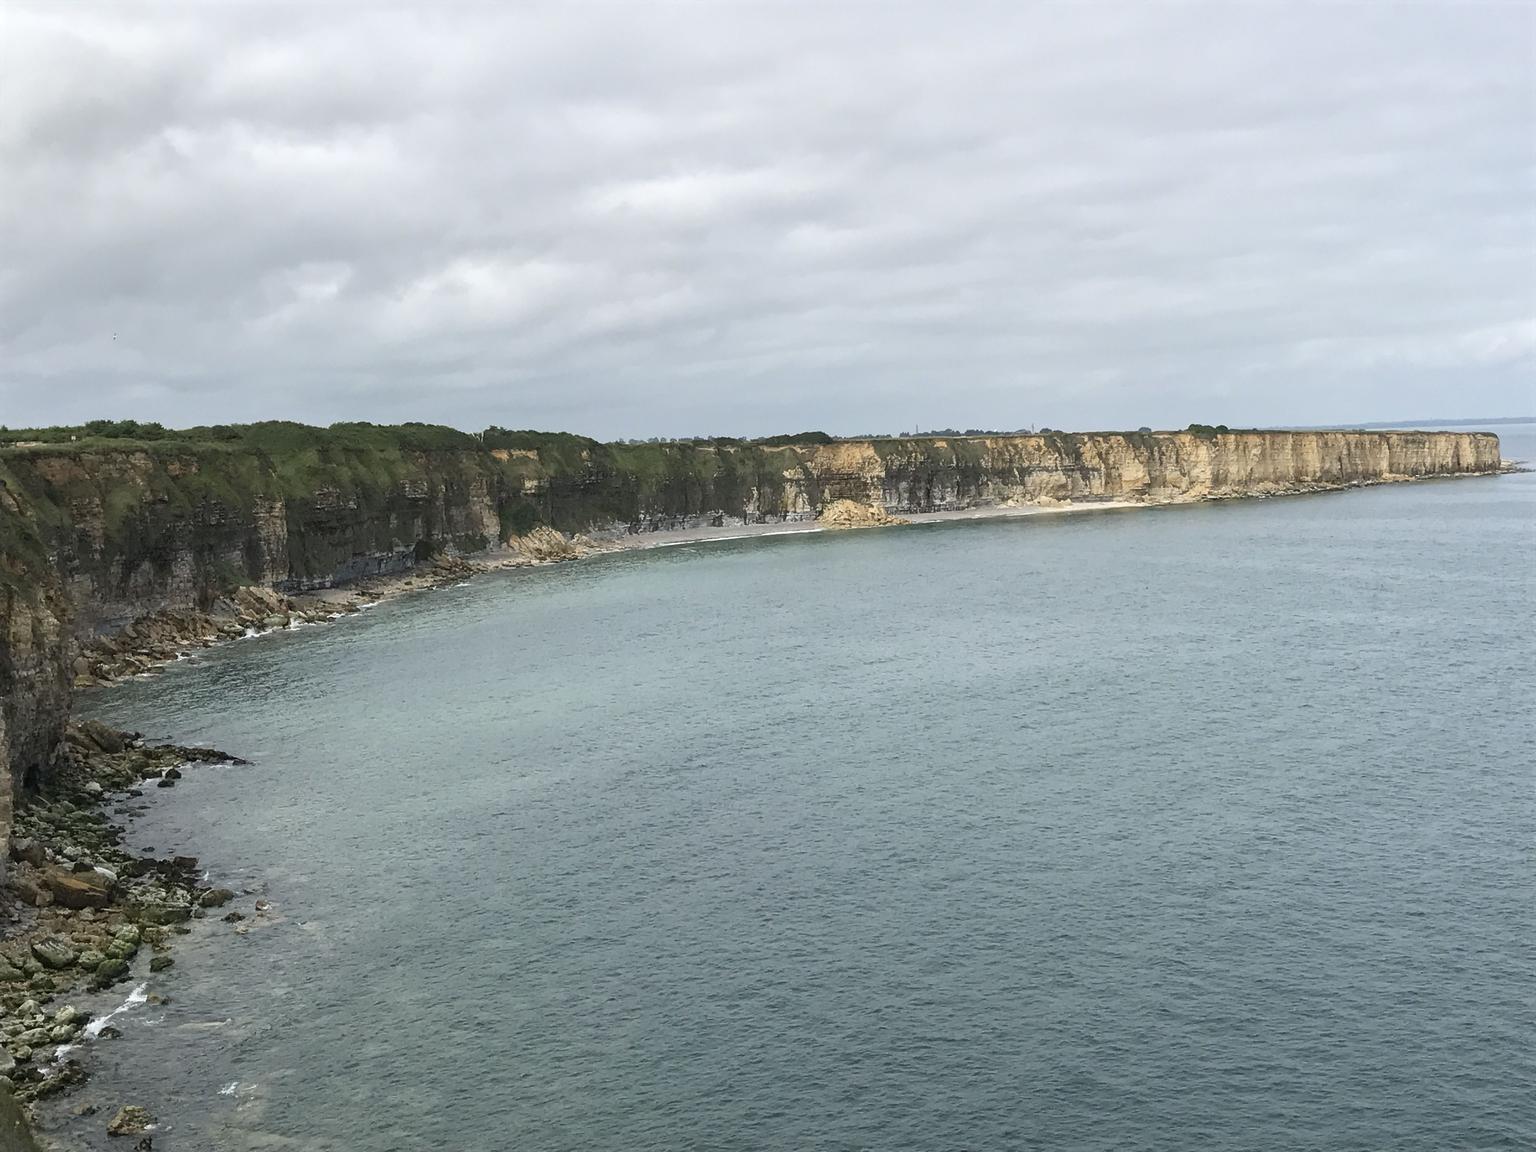 MAIS FOTOS, Viagem diurna para grupos pequenos aos campos de batalha dos dia D na Normandia e praias de desembarque saindo de Paris